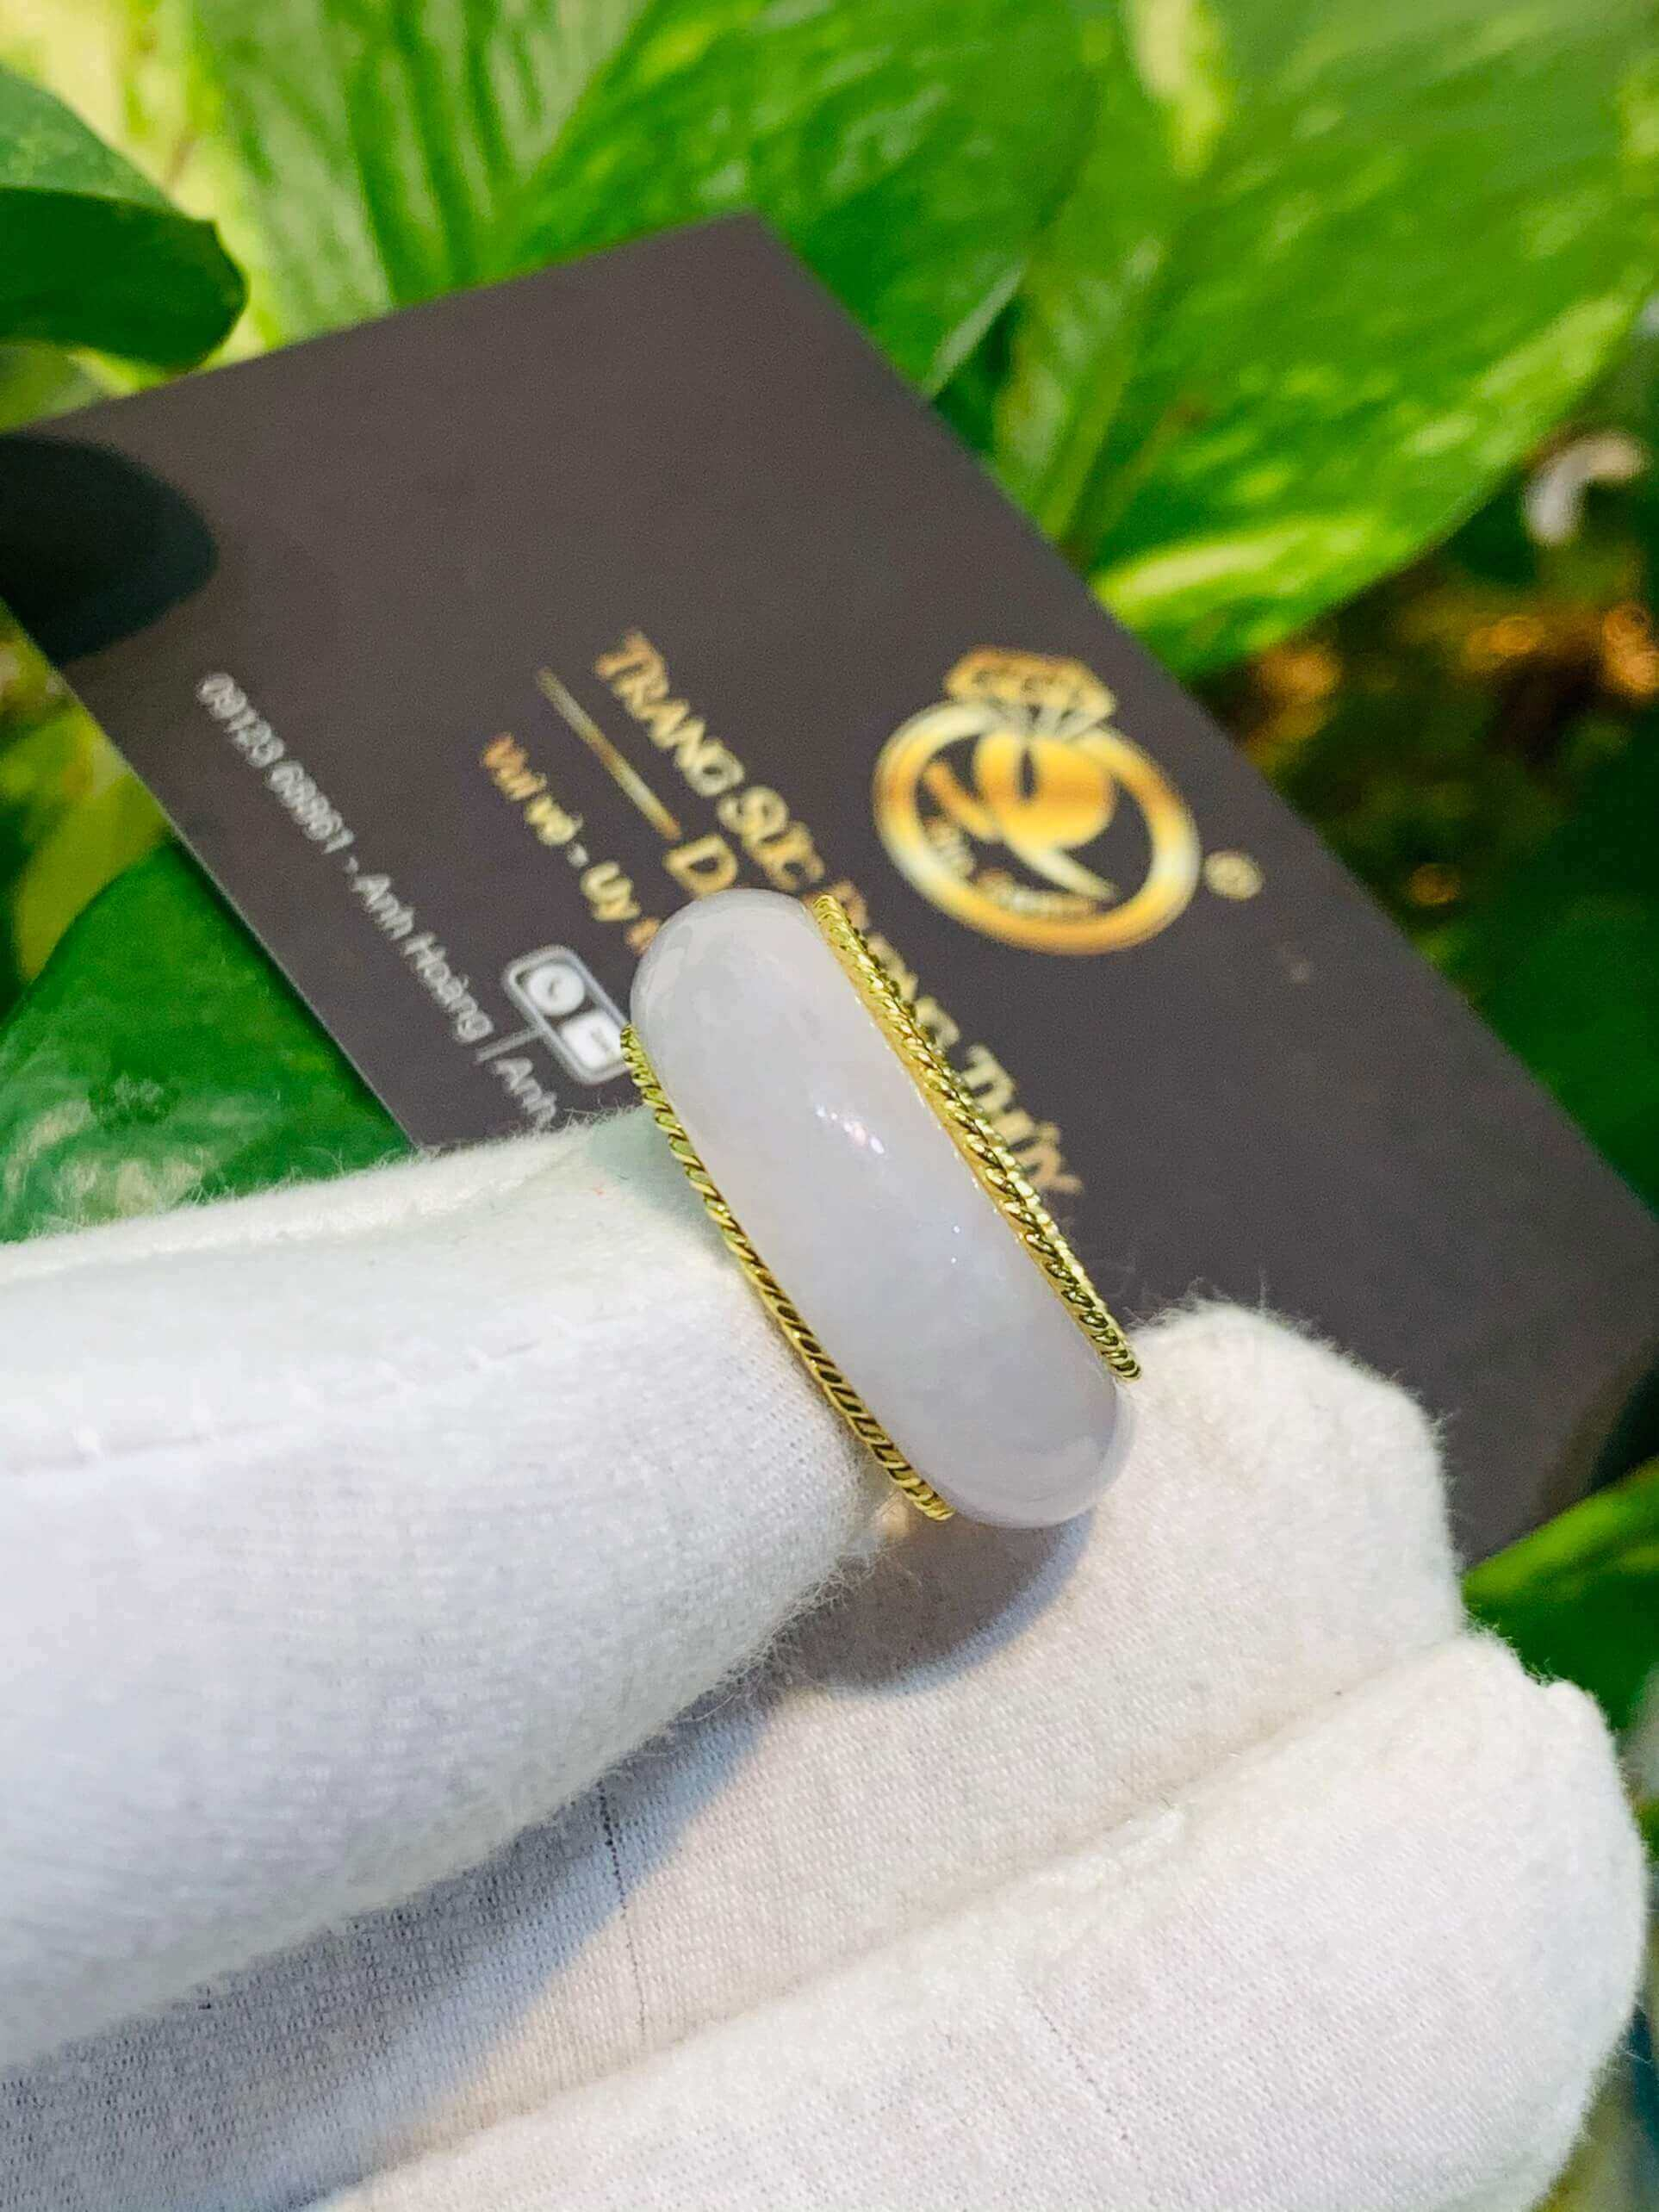 Nhẫn Bạch Ngọc bọc vàng xoắn kép biểu tượng của may mắn